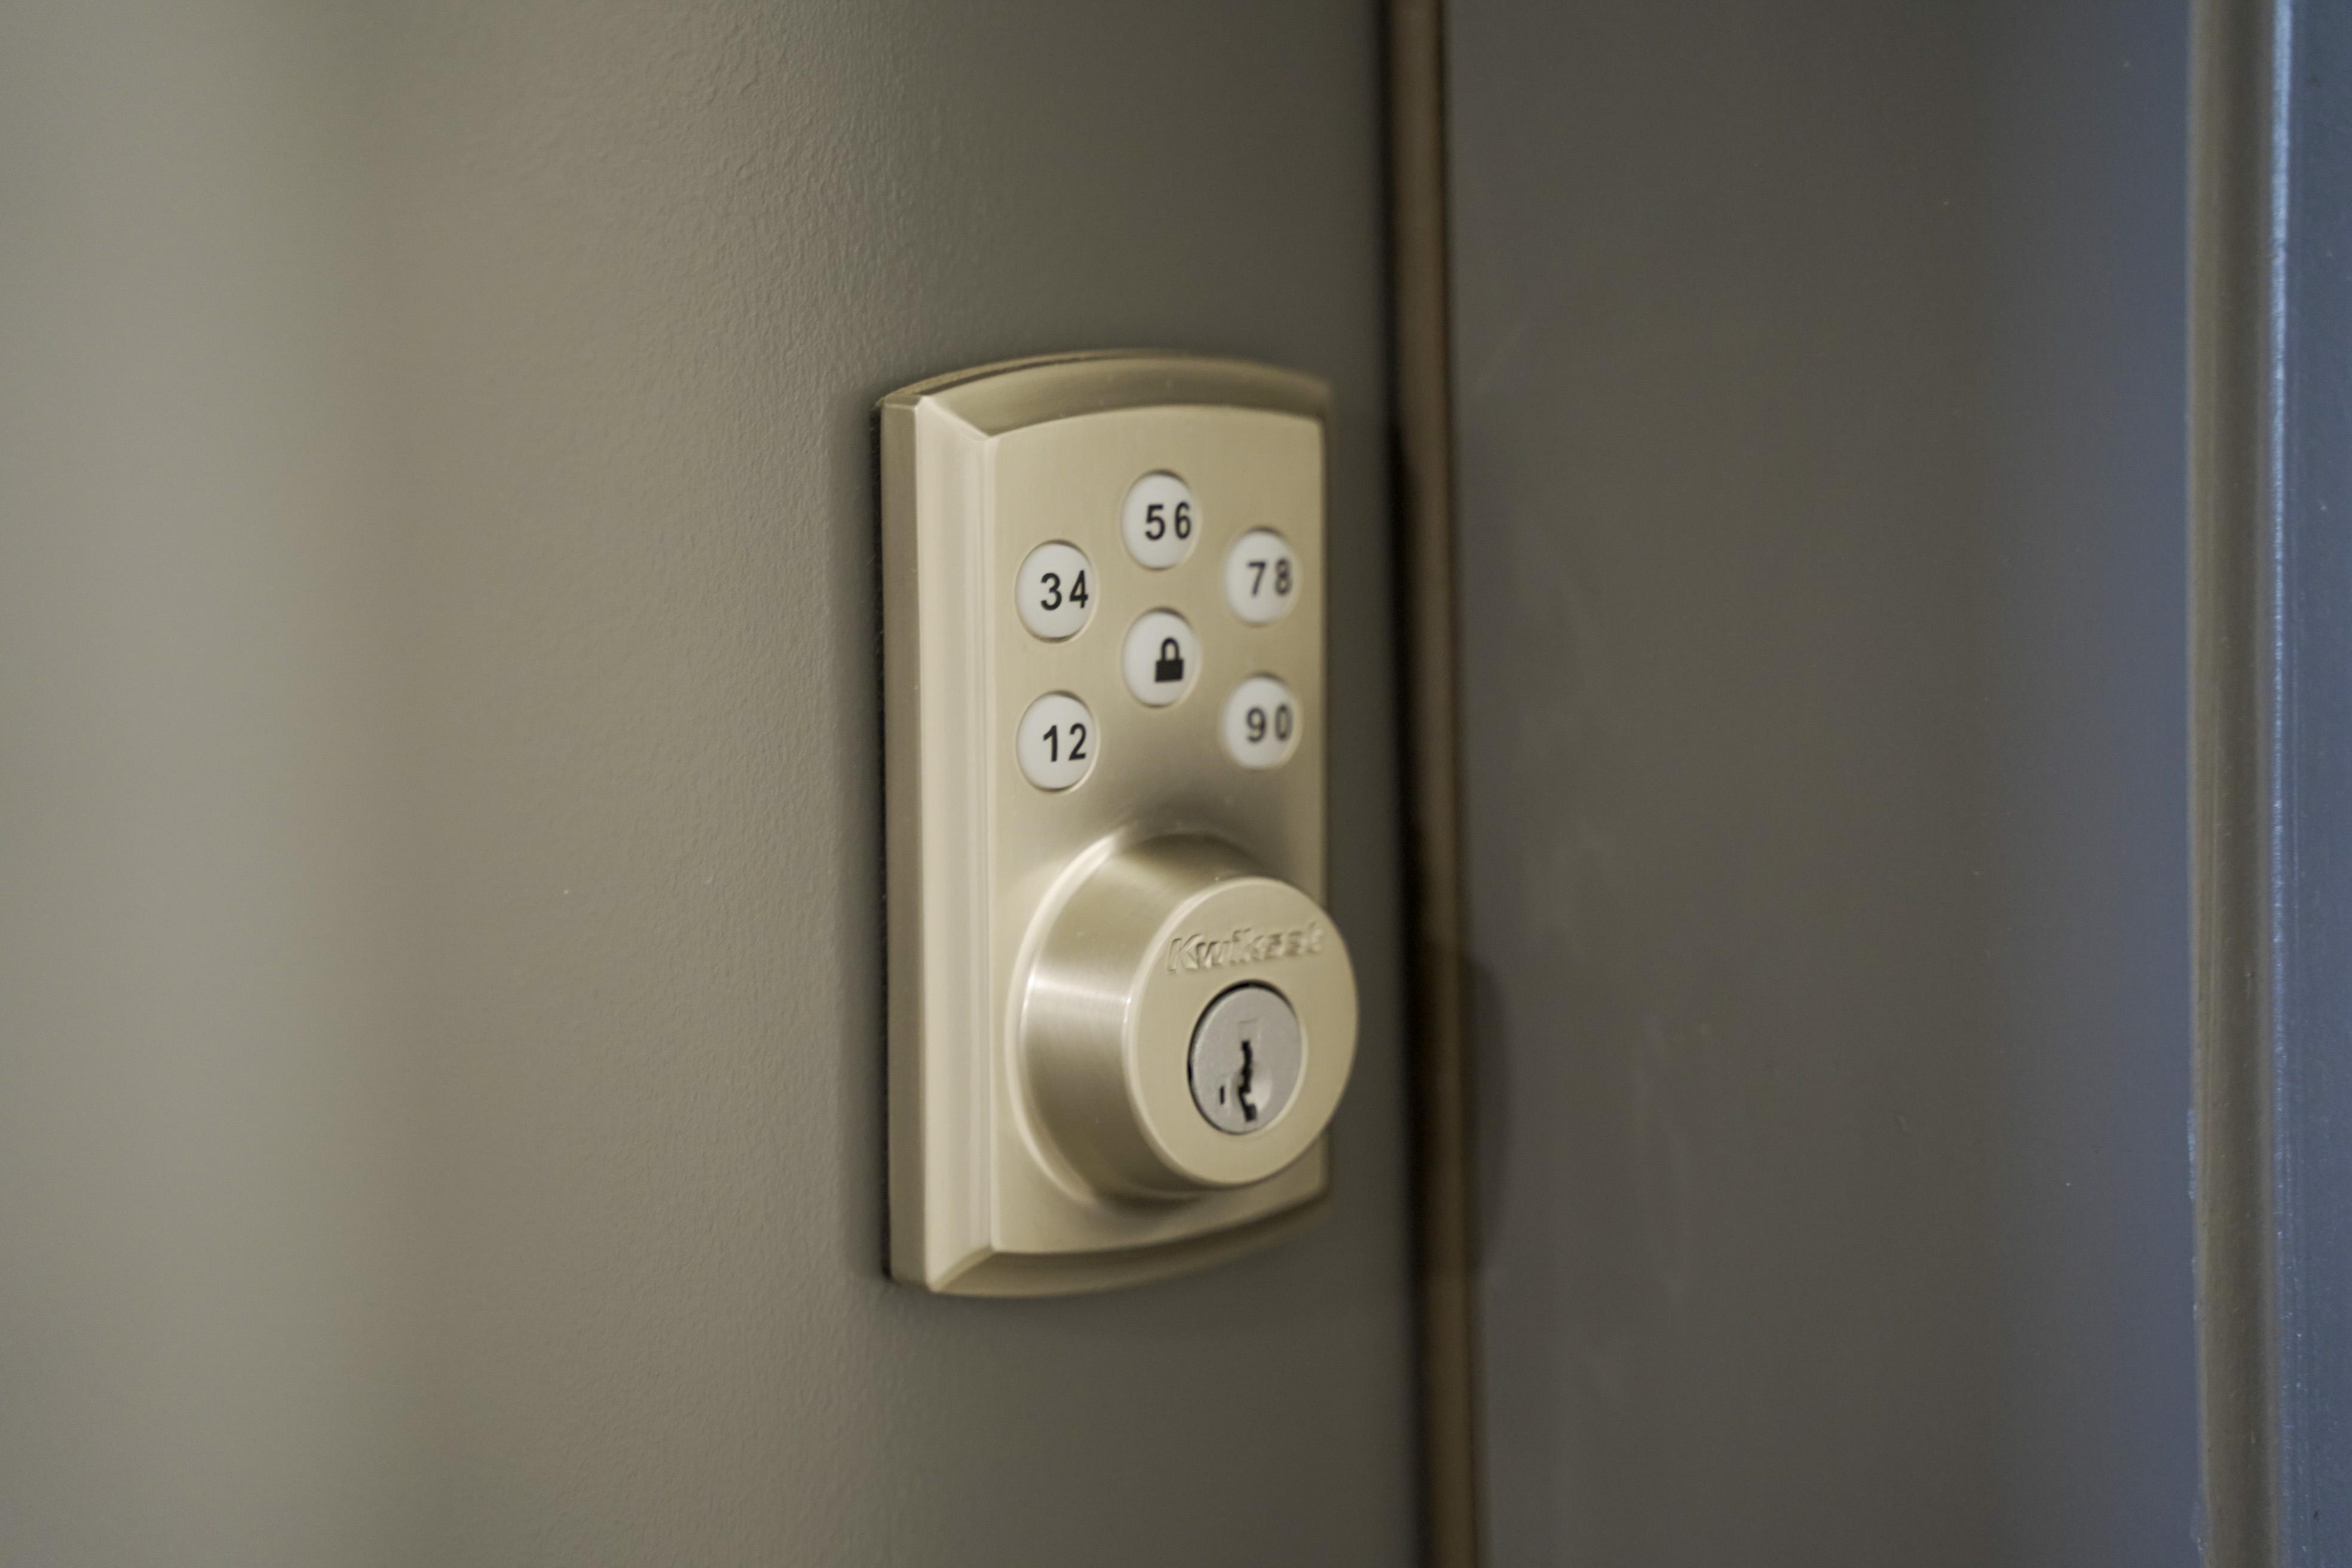 apartment door access